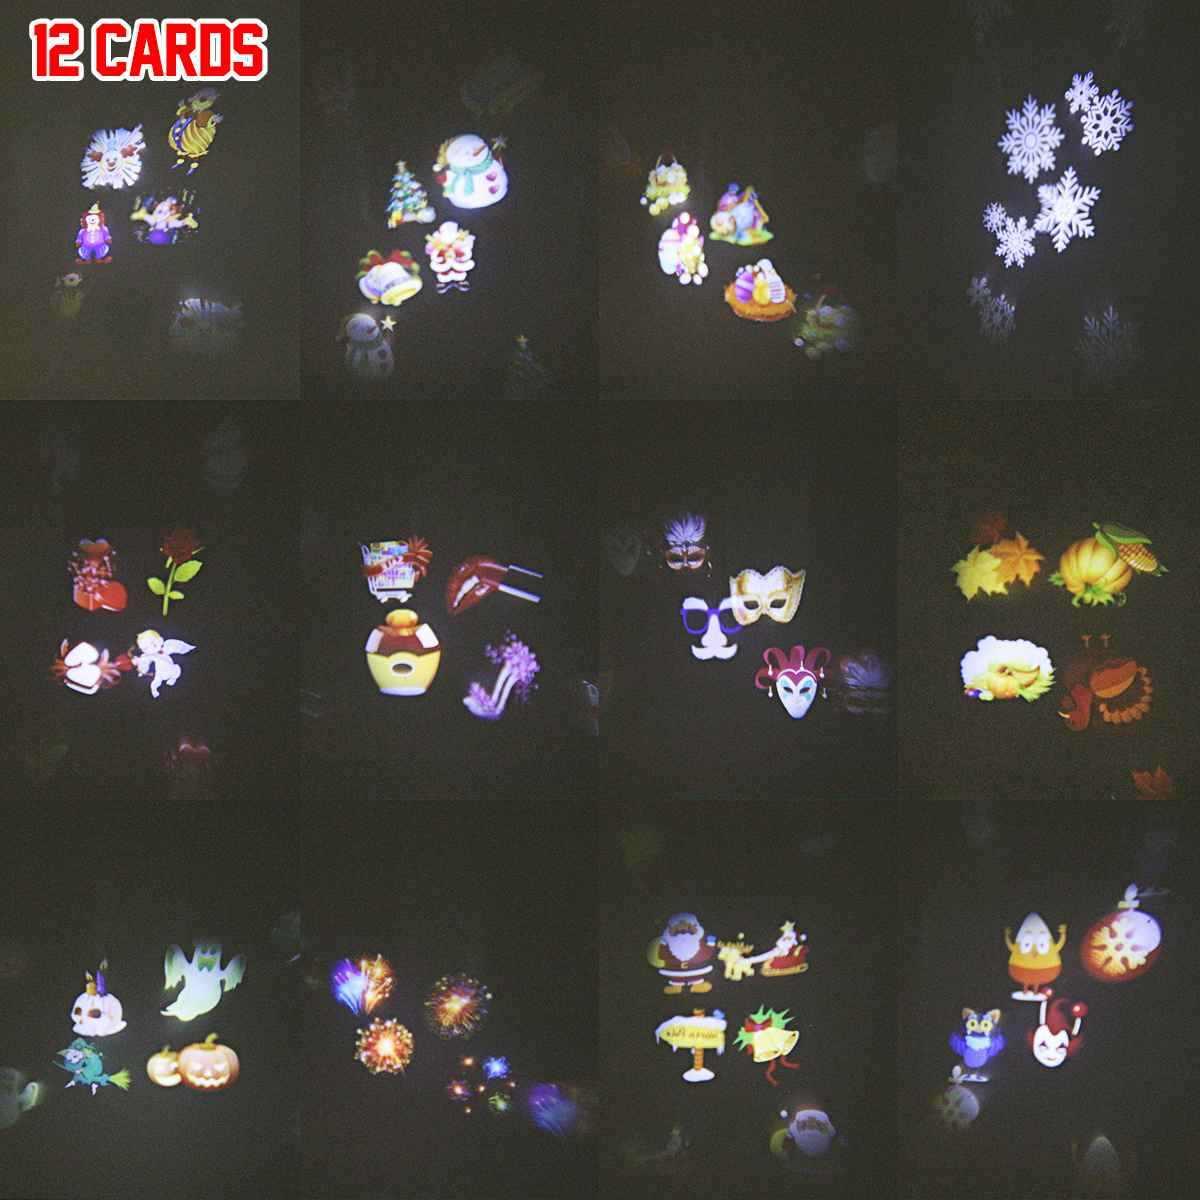 Giardino di Paesaggio della Lampada Del Proiettore di 12/20 Carte Outdoor Park Di Natale Decorazione Festa di Illuminazione Del Proiettore Rimovibile Riflettore